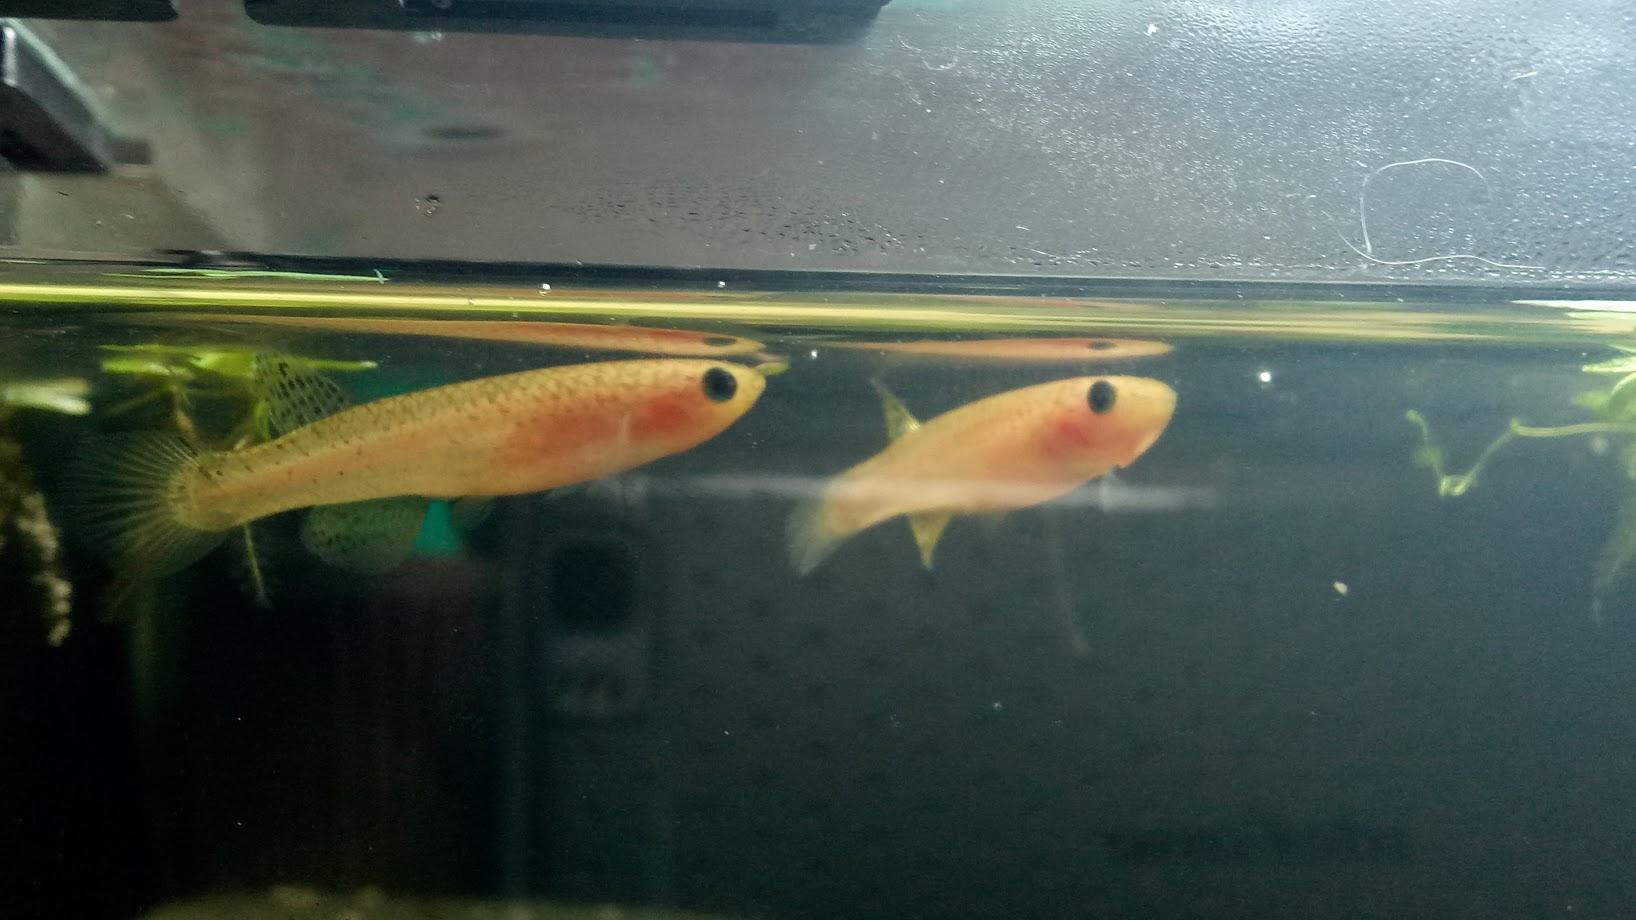 20l pour 3 cl de poisson :D A0VOtuX1Qq